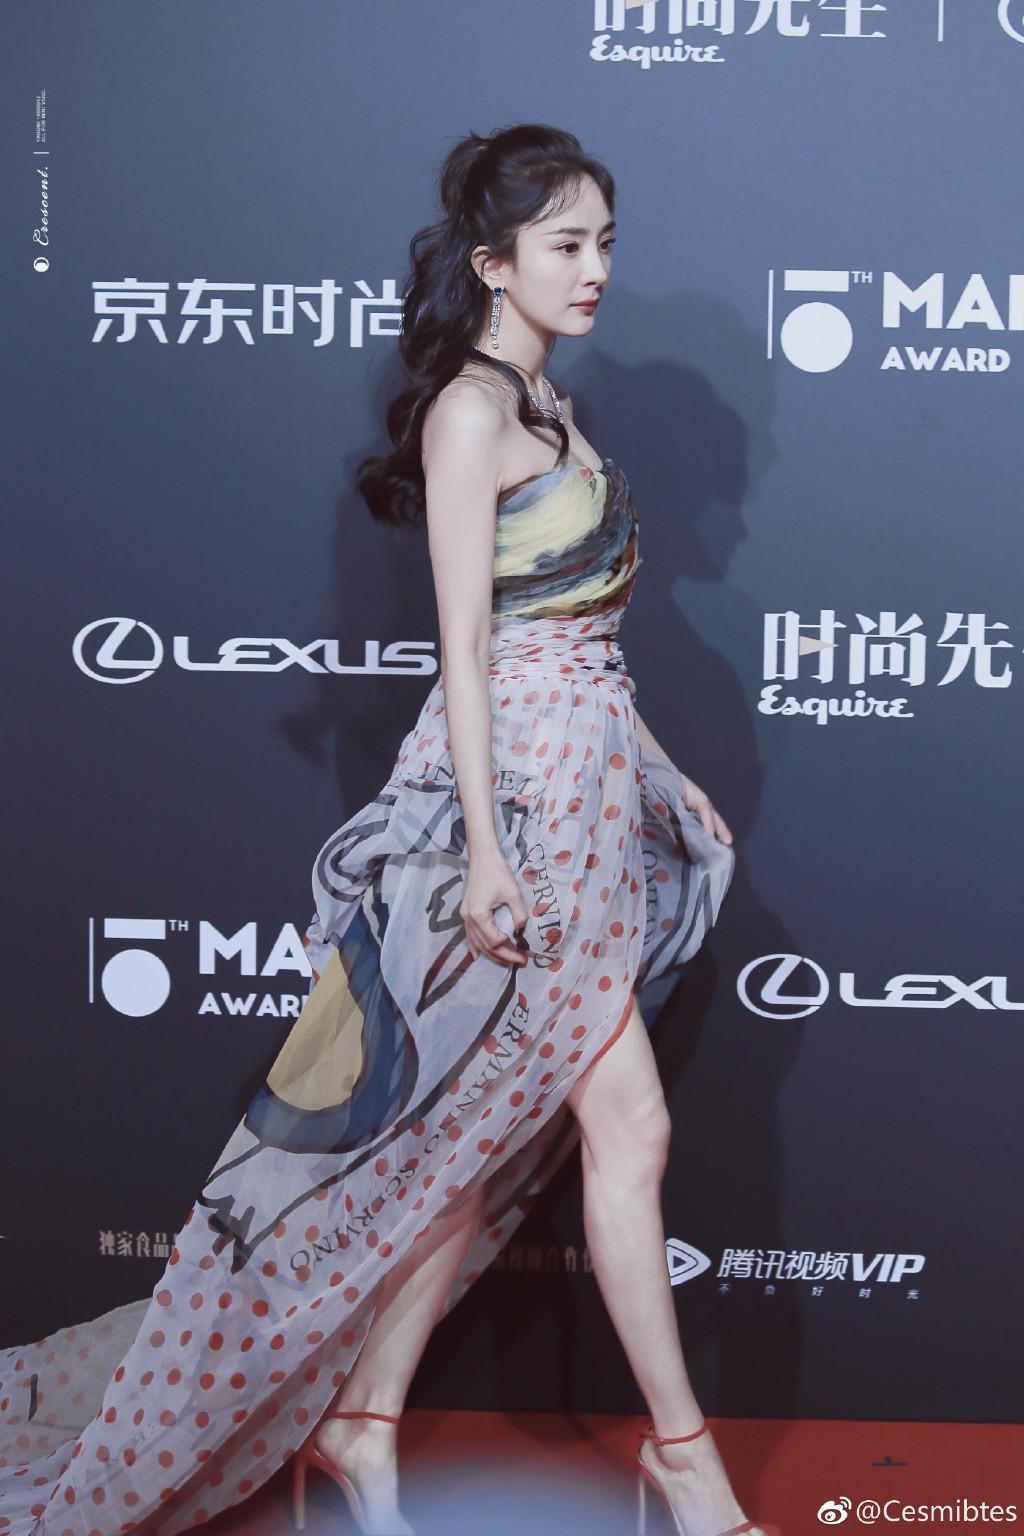 Diện váy mỏng tang và ép ngực tại sự kiện, Dương Mịch hoàn toàn chiếm sóng mạng xã hội xứ Trung - Ảnh 9.